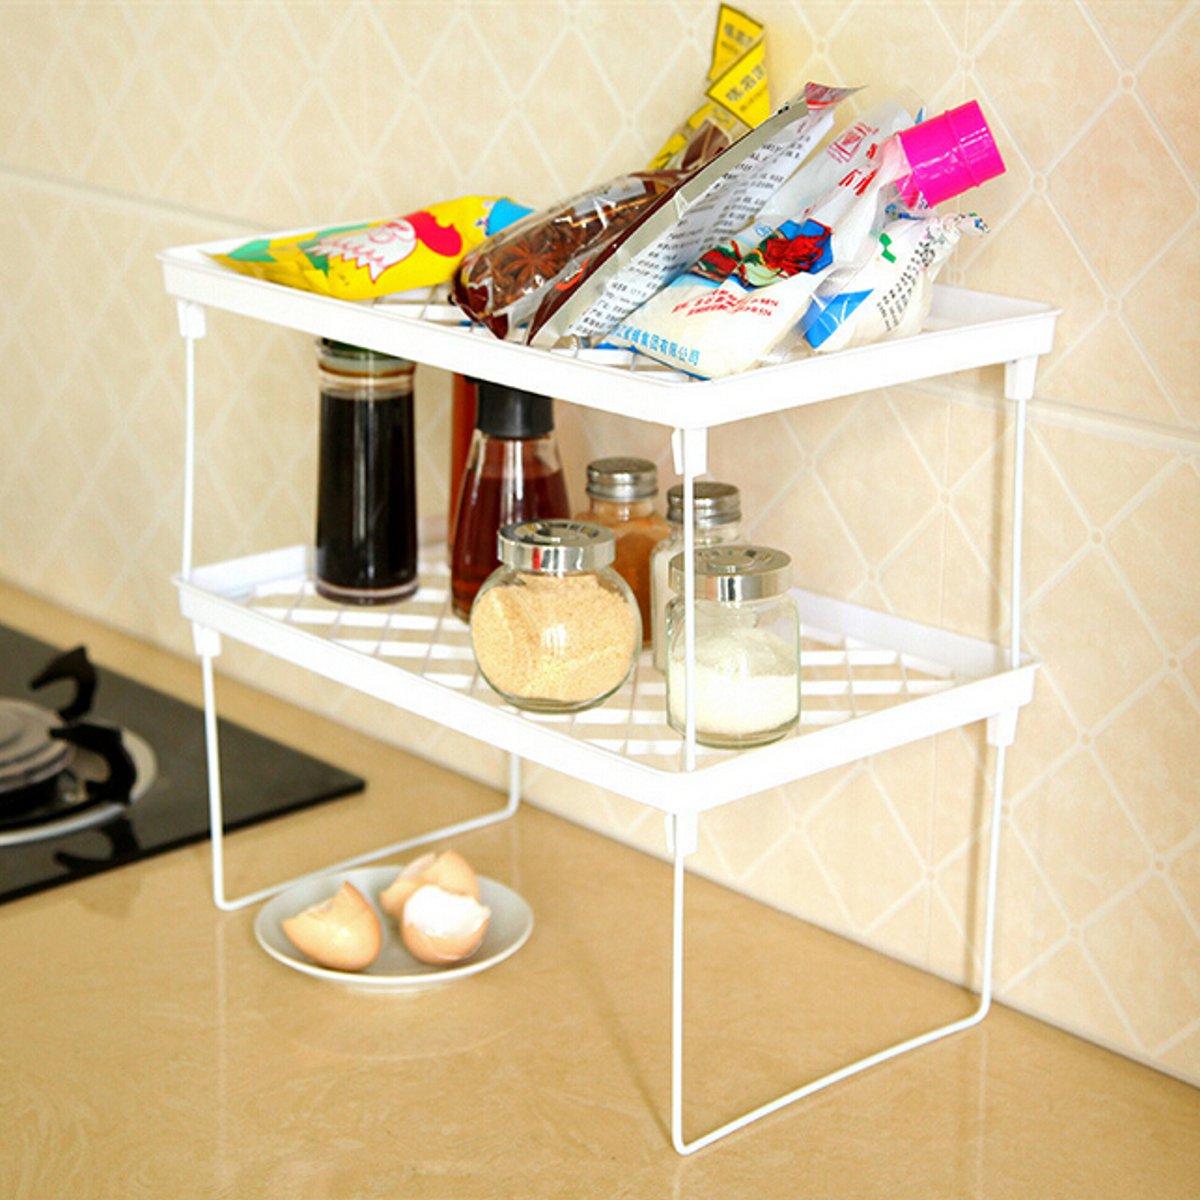 Beautiful Bathroom Kitchen Corner Storage Shelf Holder OrganizerBlue